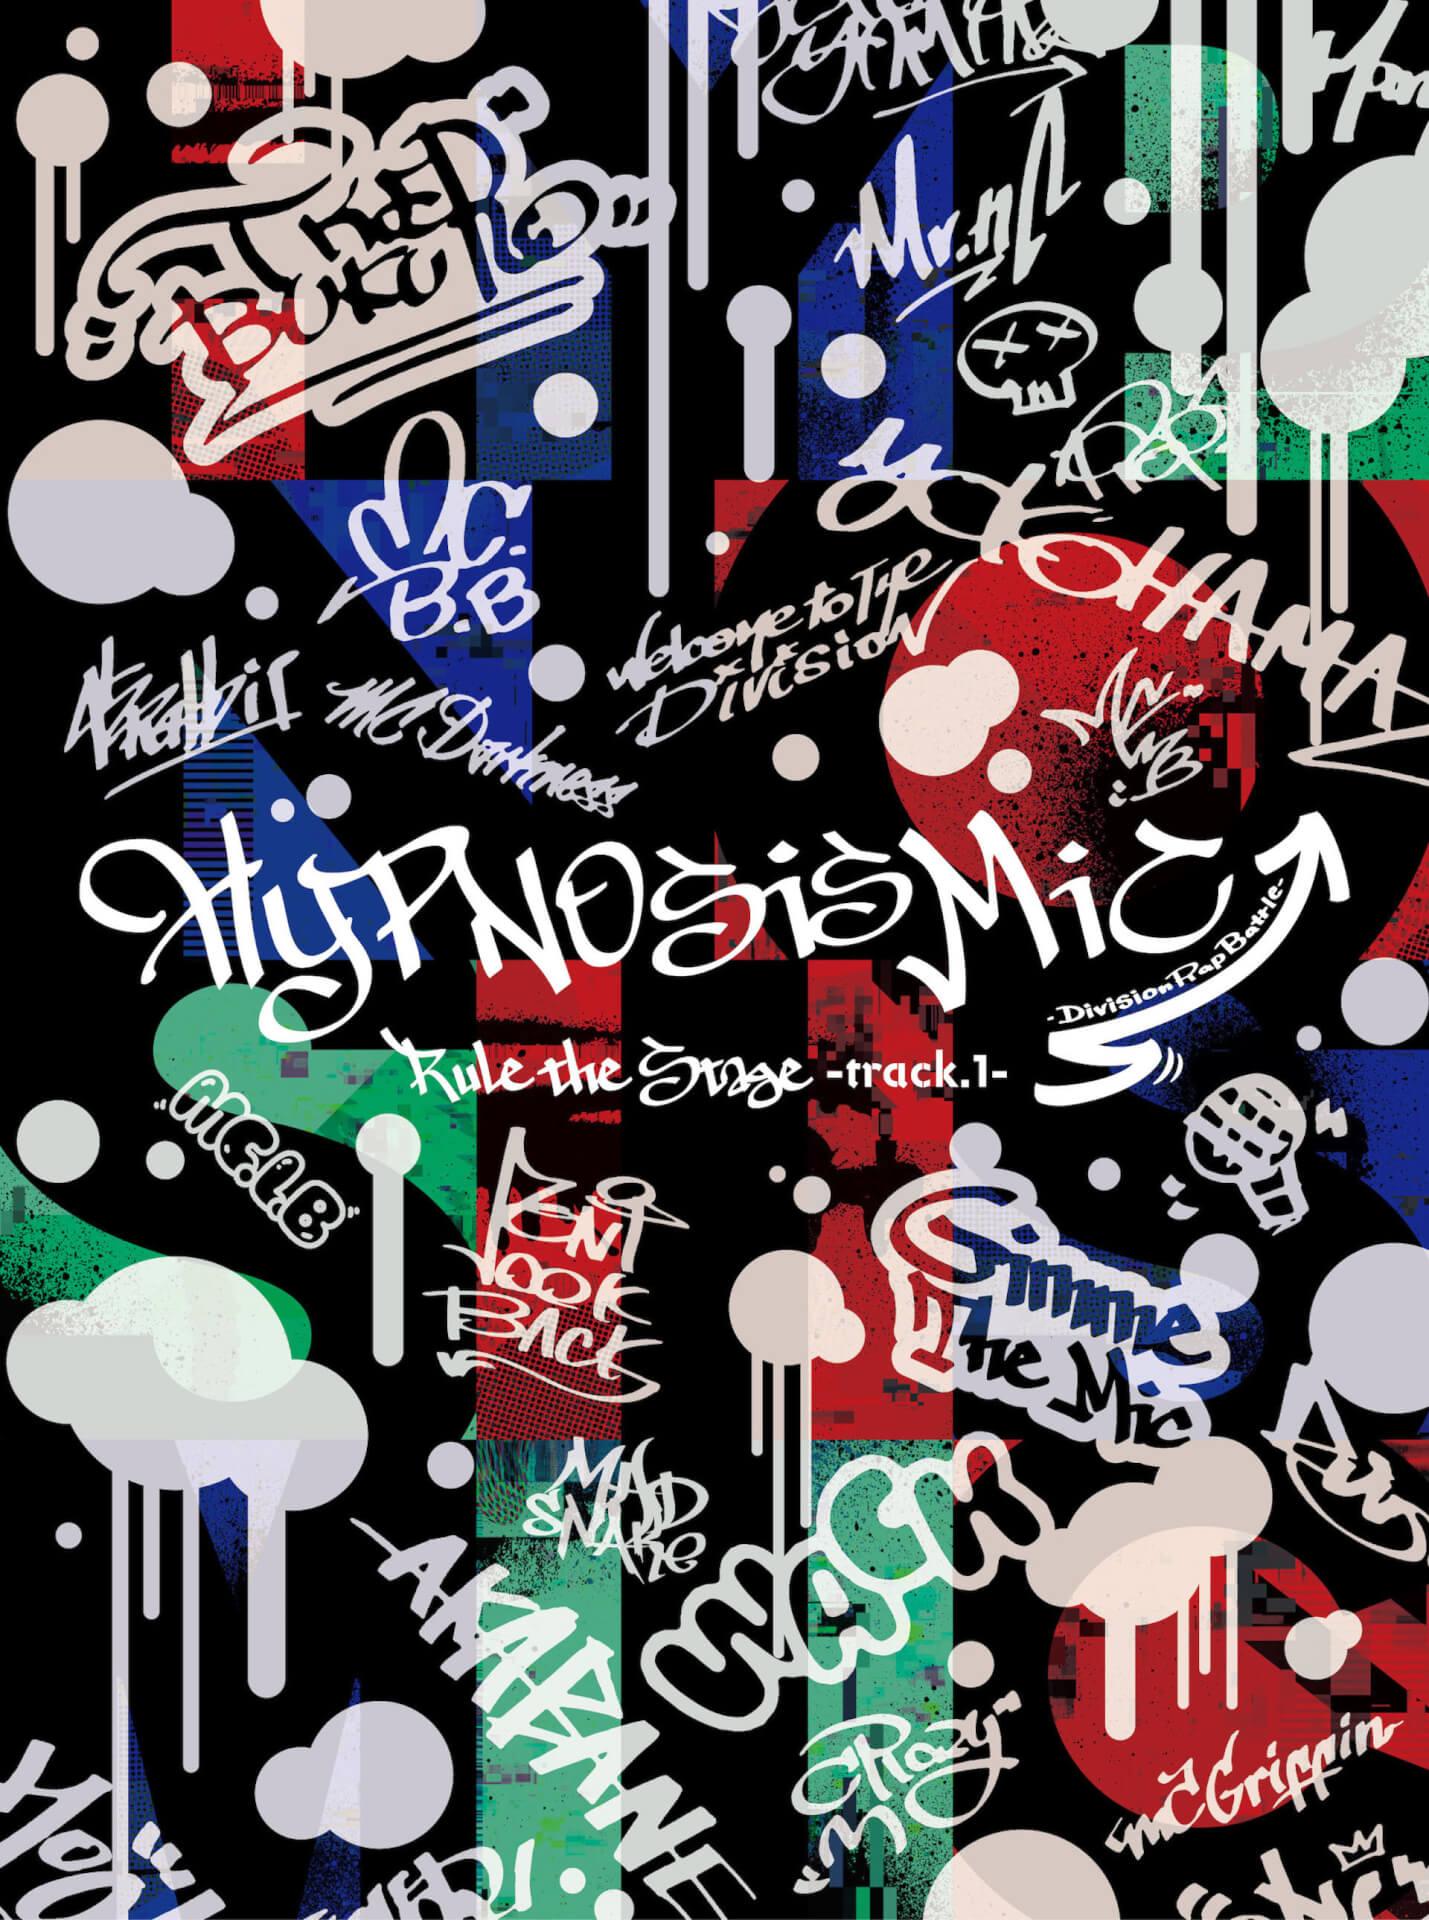 昨年上演された舞台「ヒプノシスマイク」track.1のBlu-ray&DVDパッケージとビジュアルブック表紙が公開! art200228_hypnosismic_3